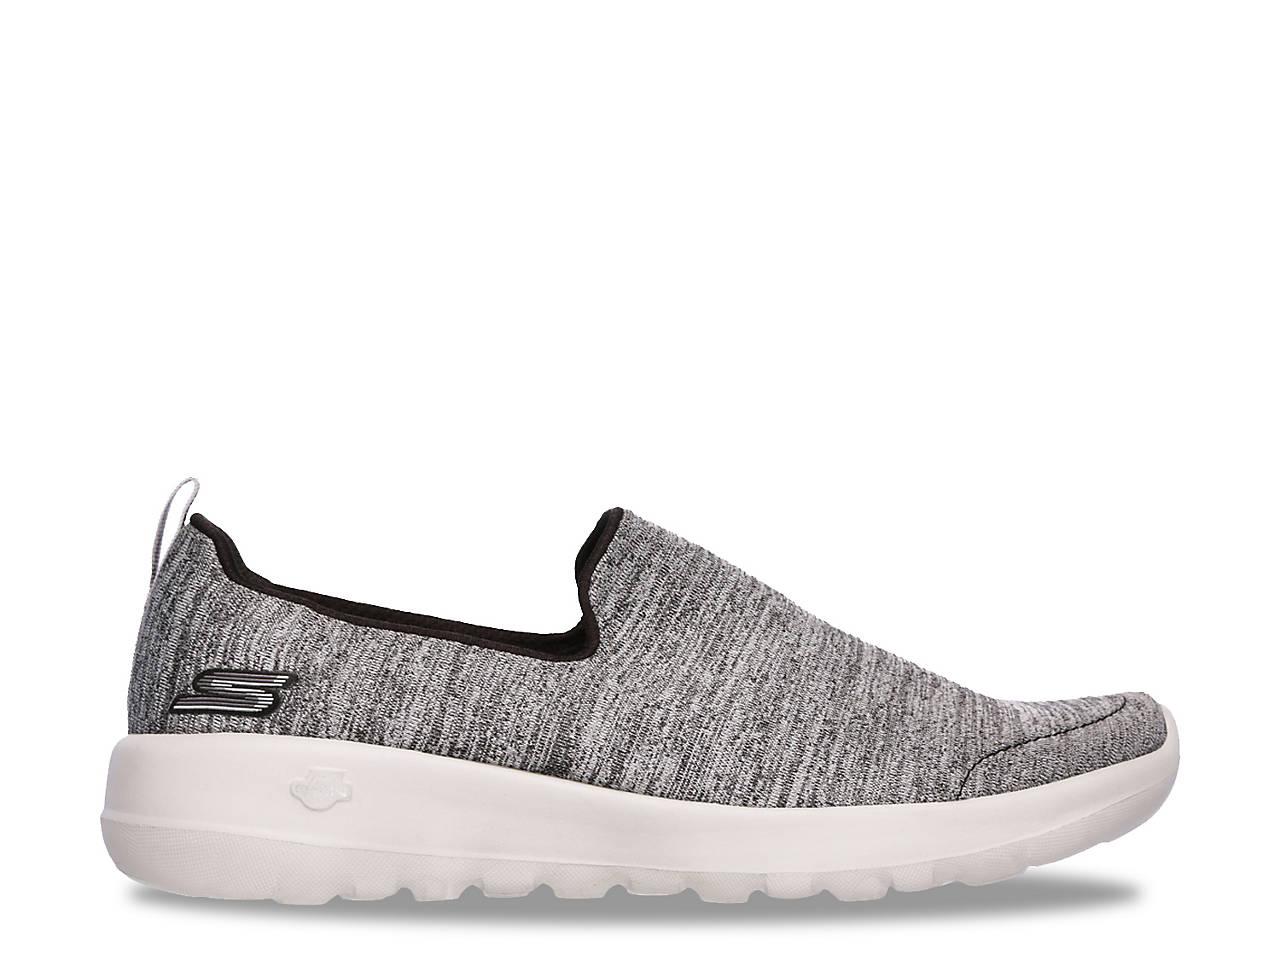 57ee083424aa Skechers GOwalk Joy Slip-On Sneaker - Women s Women s Shoes